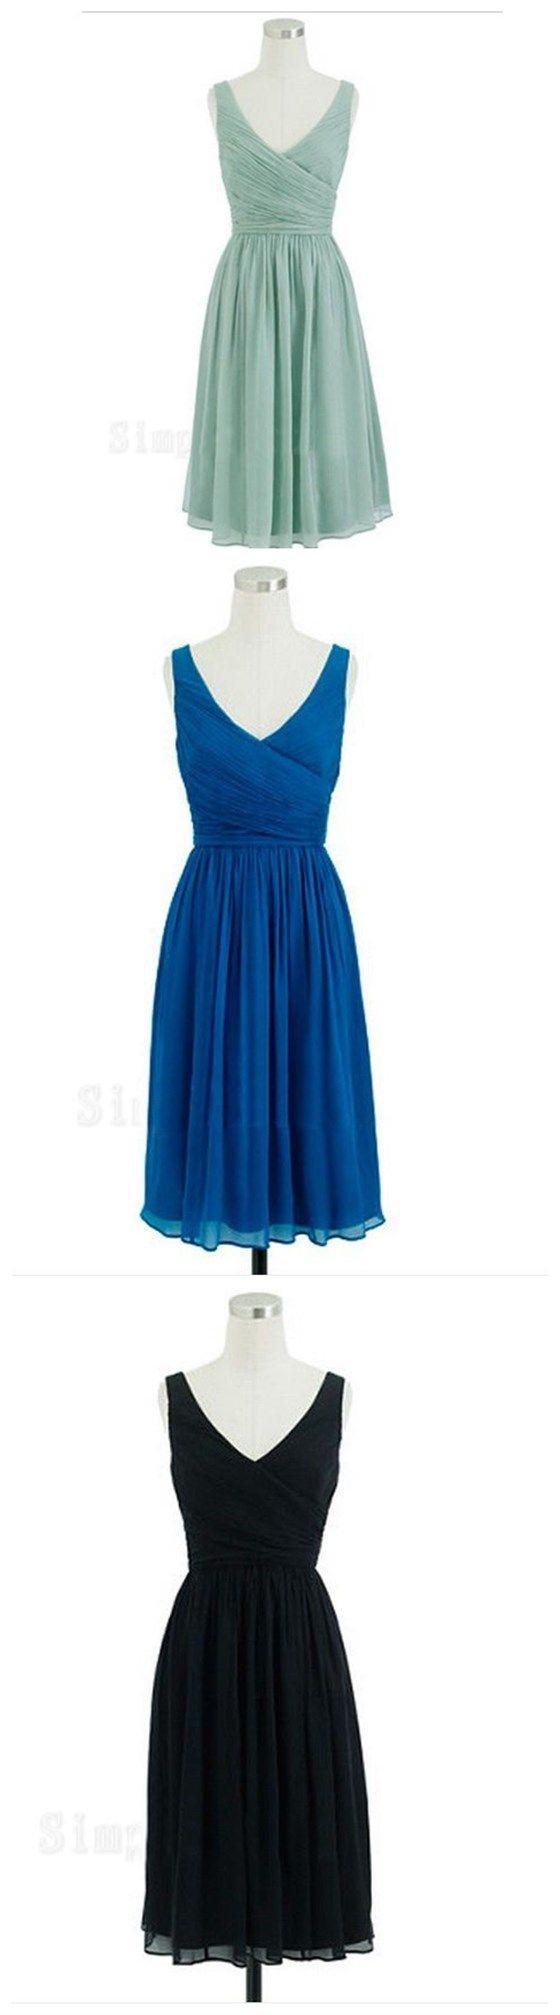 short bridesmaid dress, cheap bridesmaid dress, chiffon bridesmaid dress…